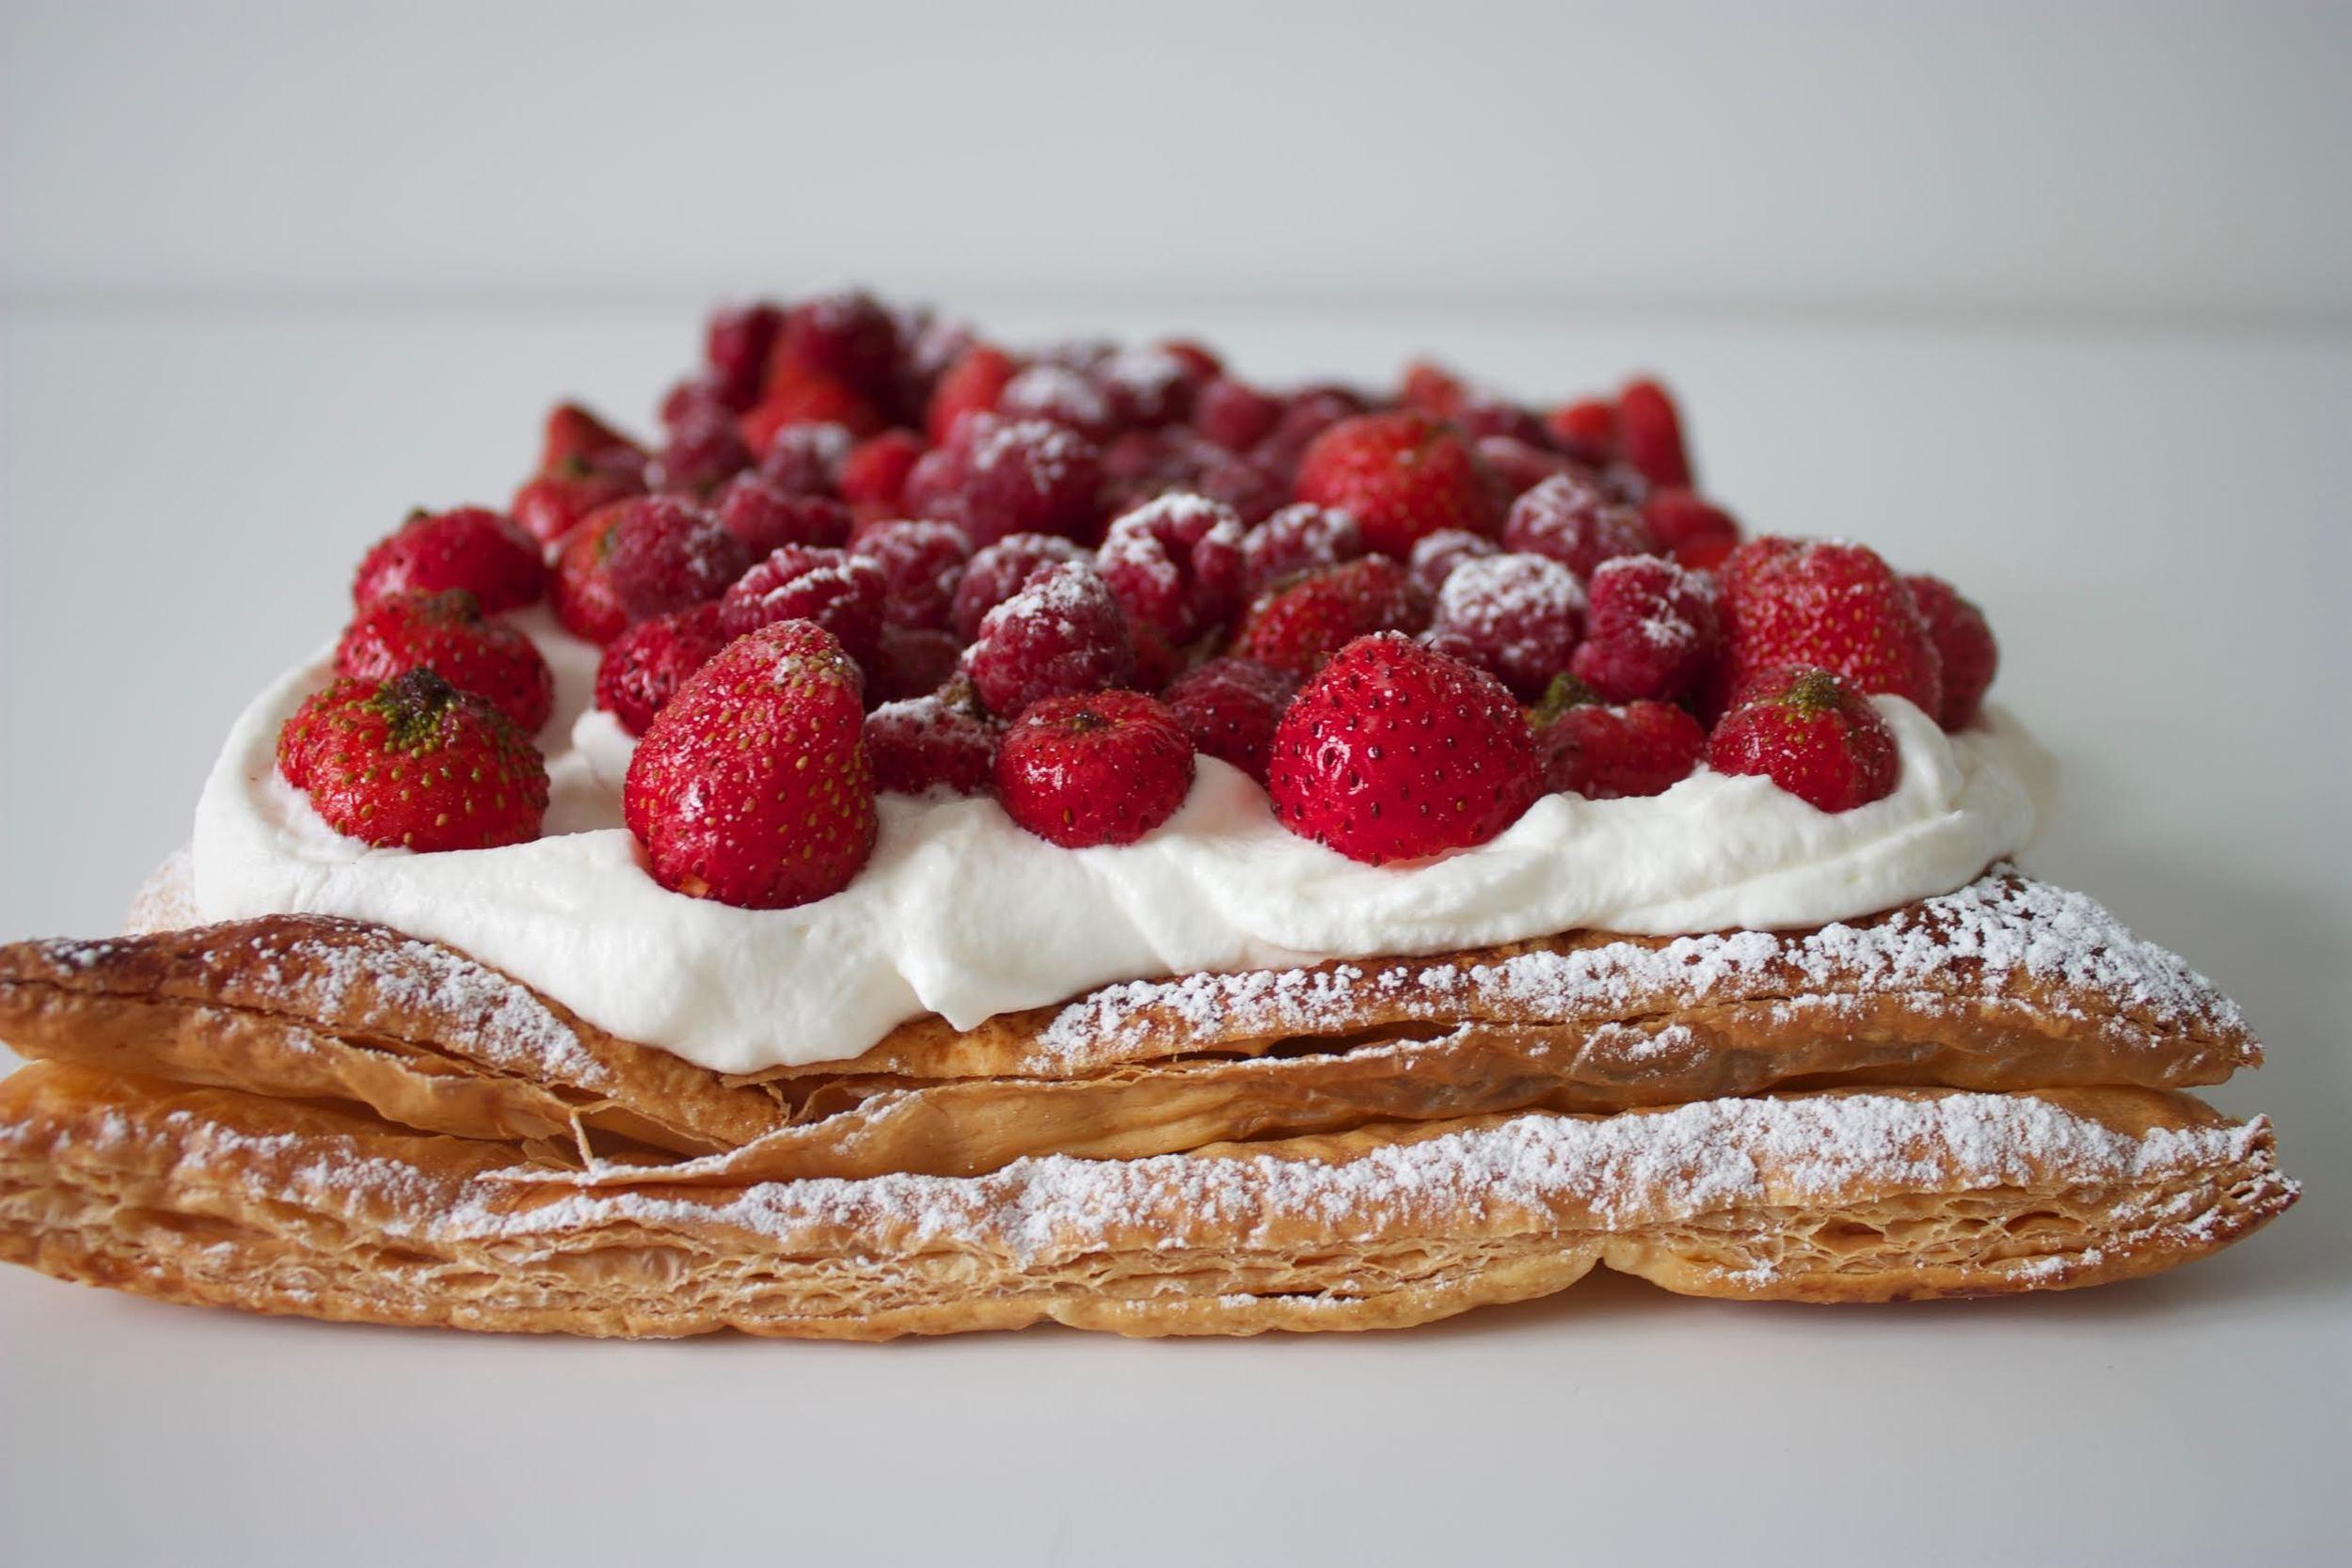 strawberry tarte journal entry.jpg